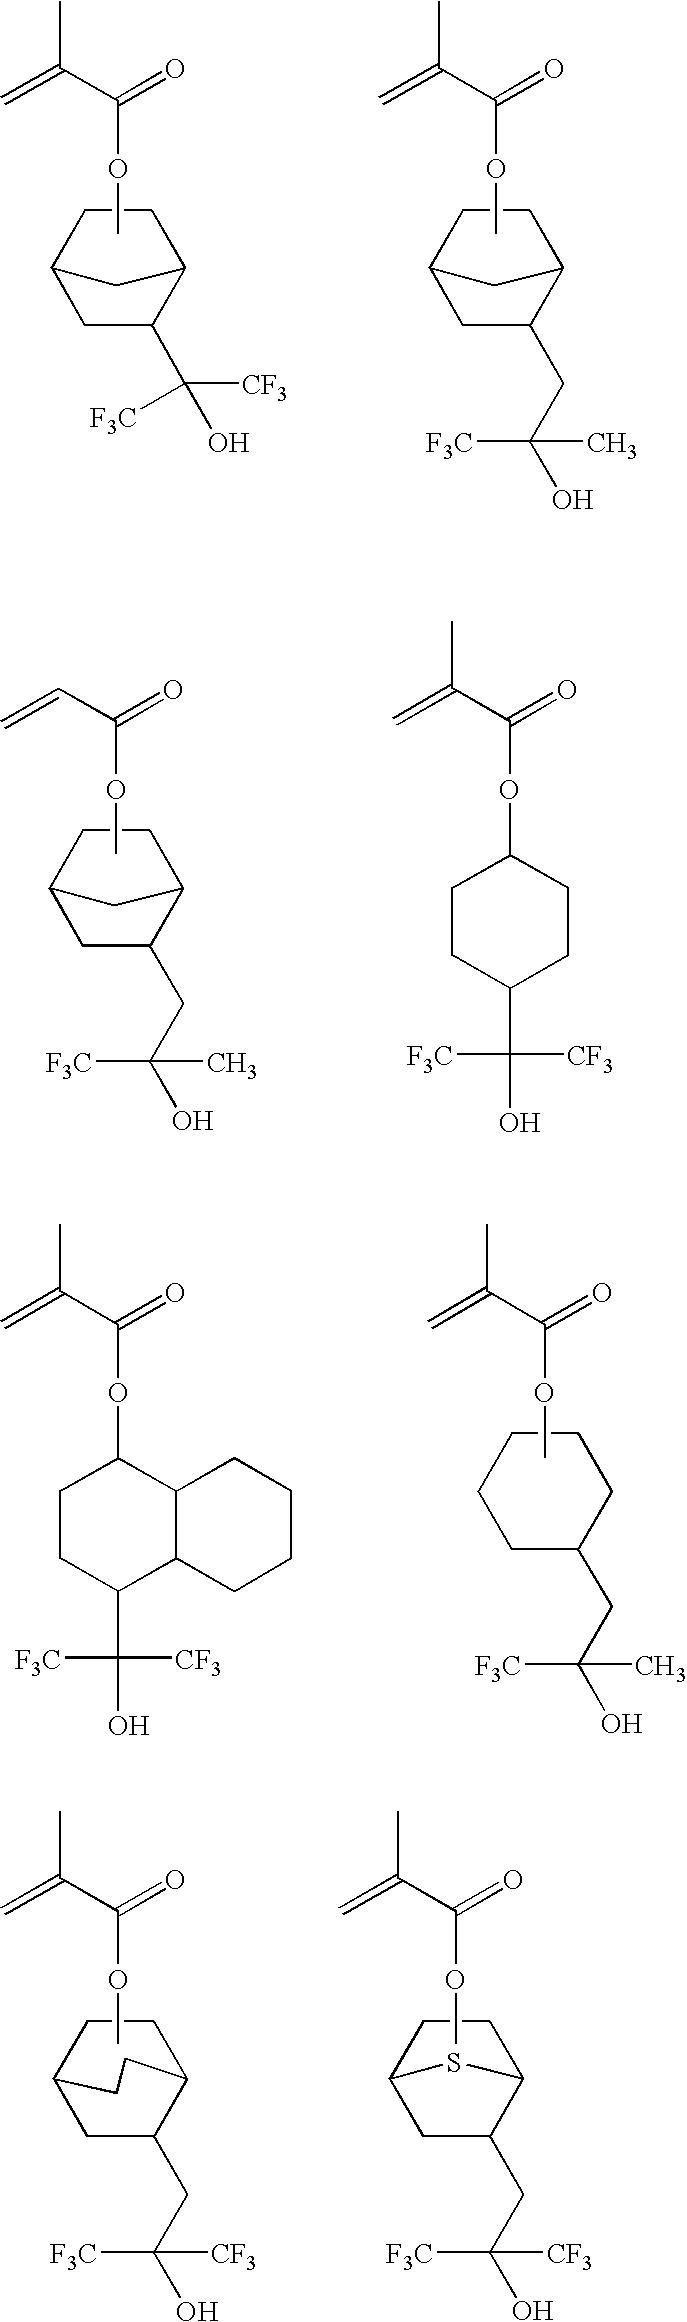 Figure US08129086-20120306-C00022